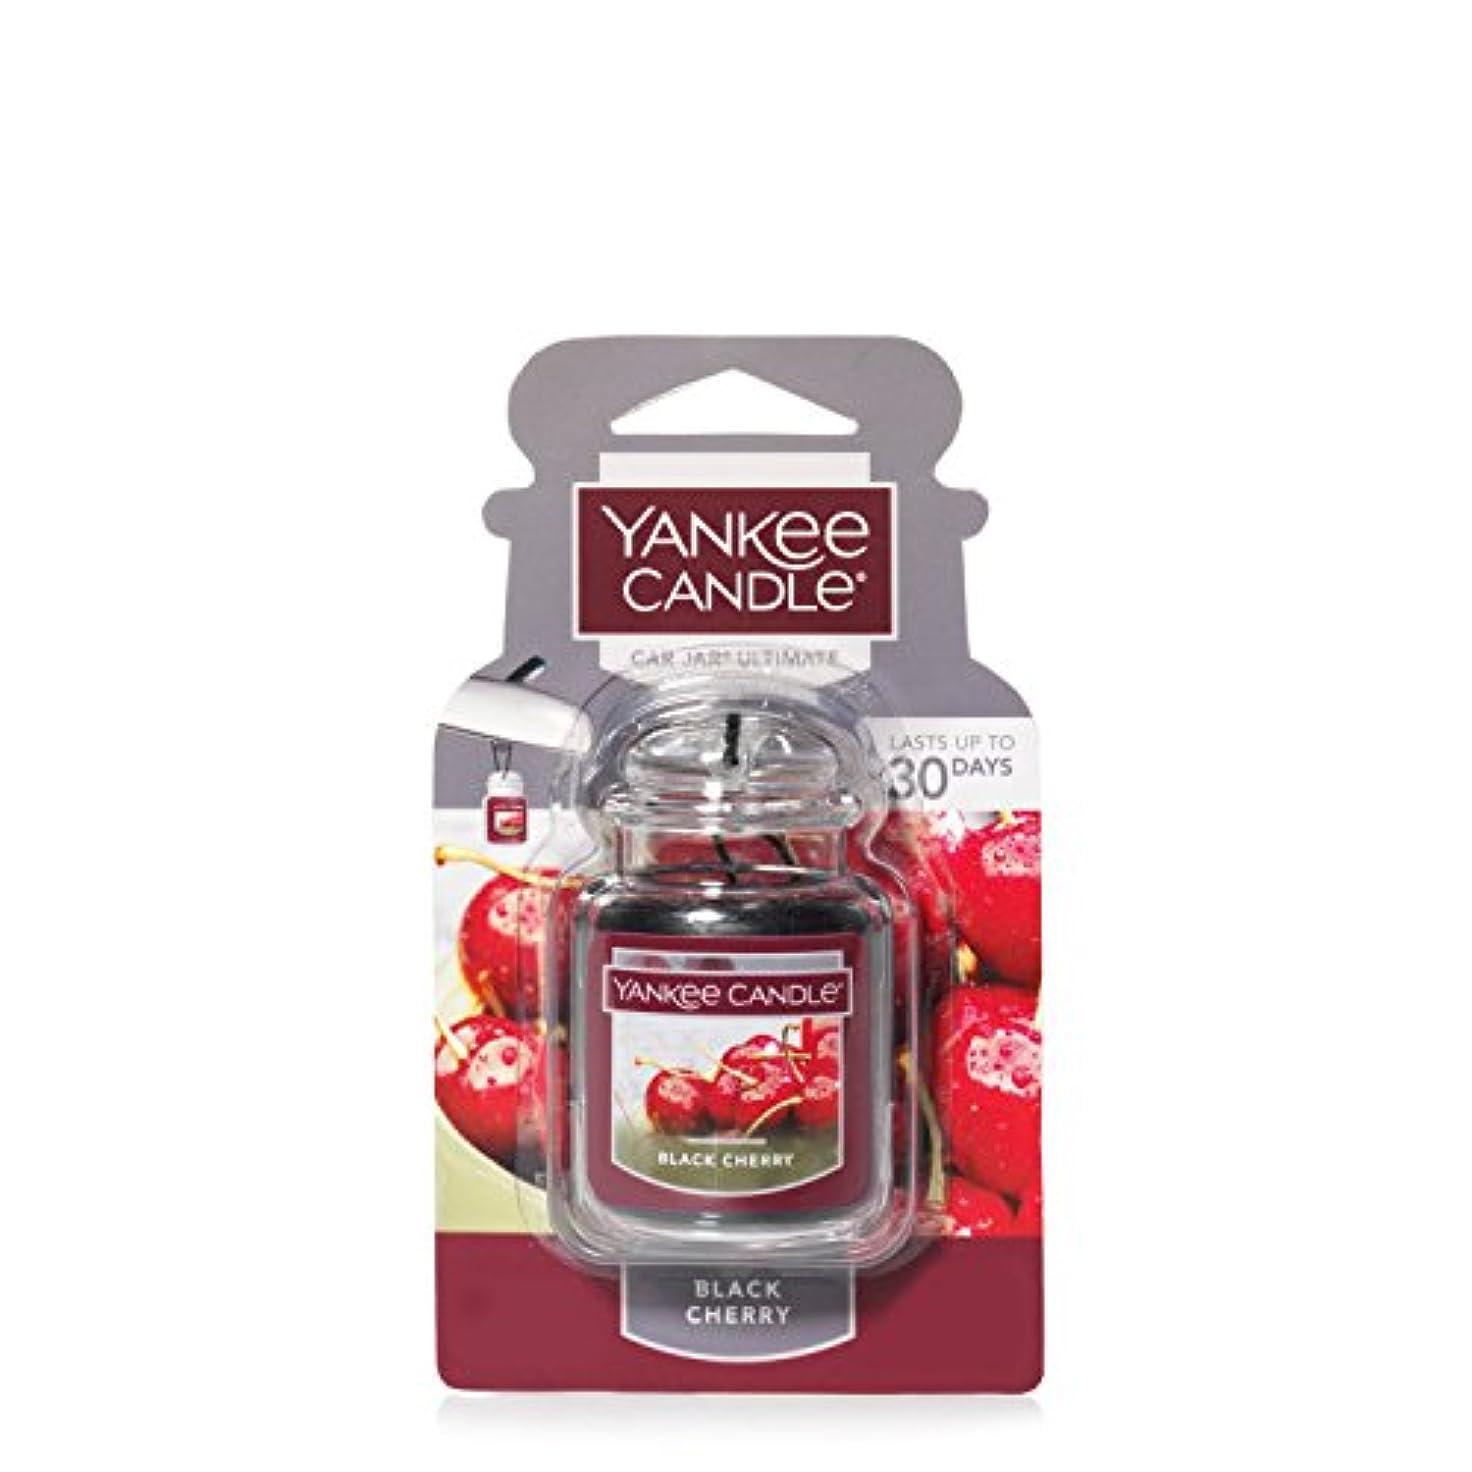 あらゆる種類のモンク厳密にYankee Candleブラックチェリー、フルーツ香り Car Jar Ultimate レッド 1221000